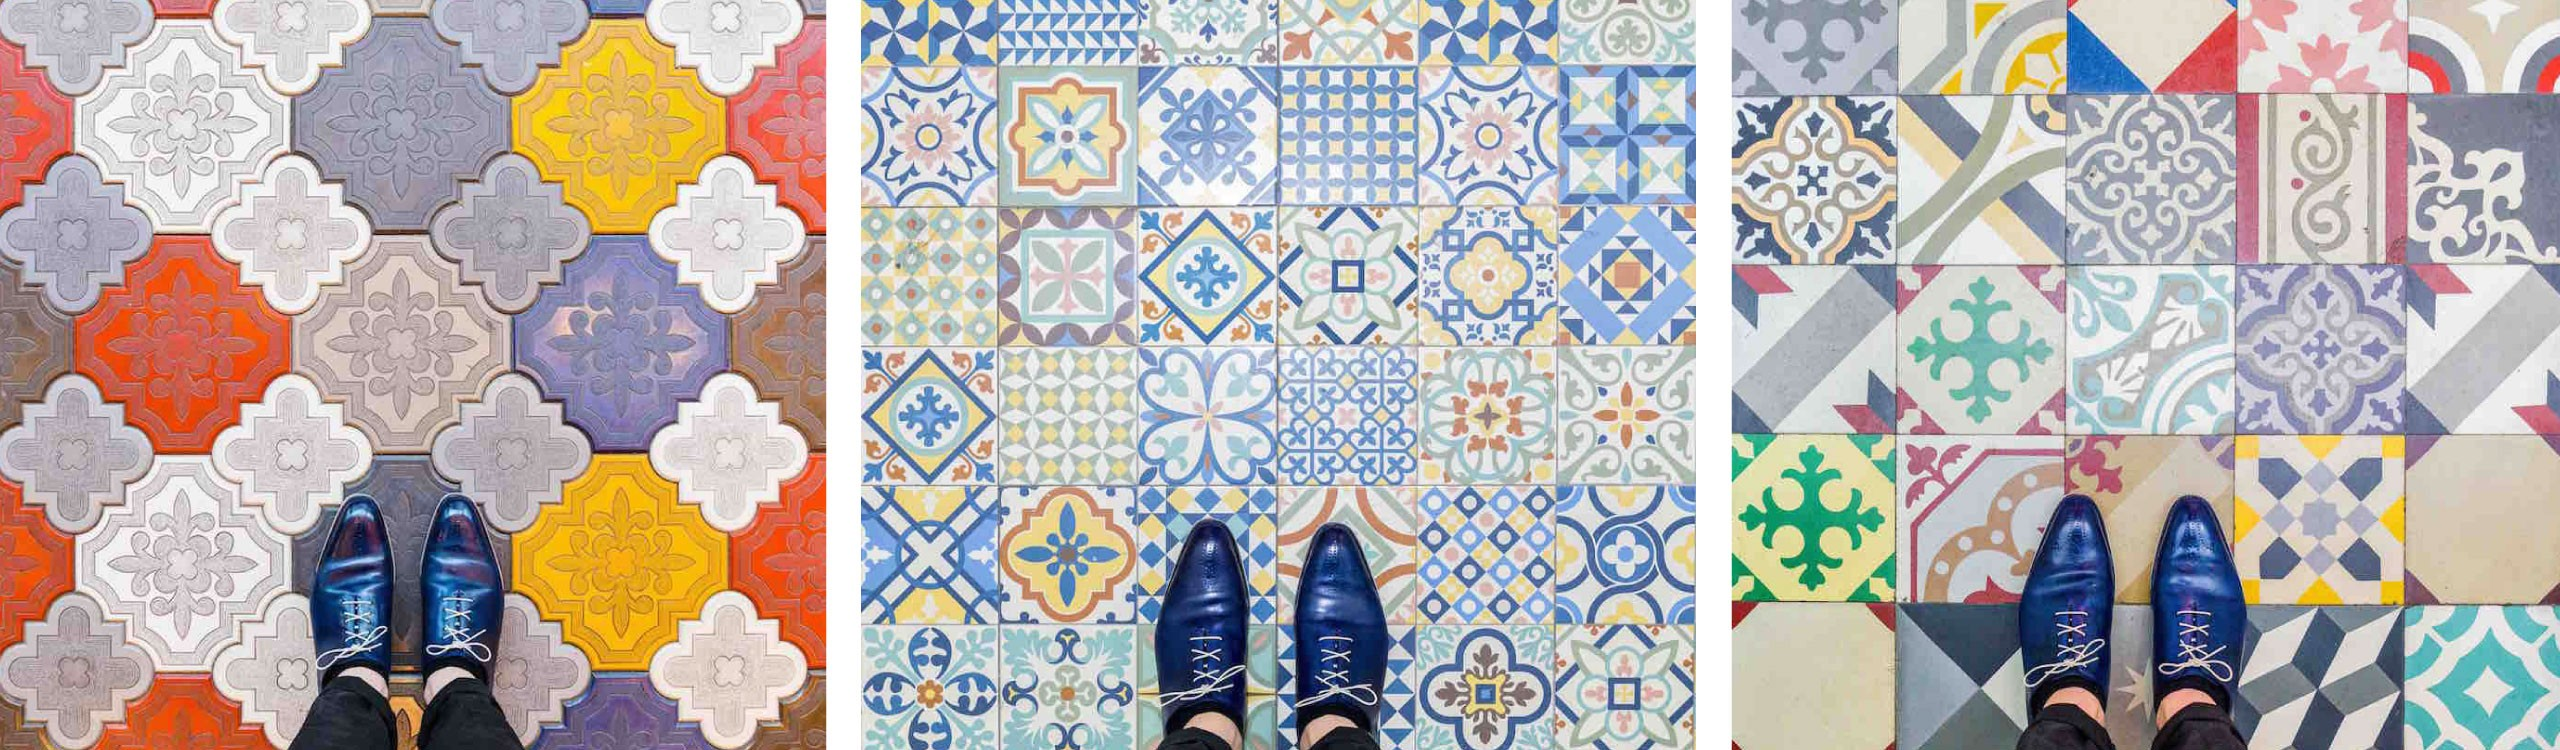 suelos-de-barcelona-mis-gafas-de-pasta-destacado